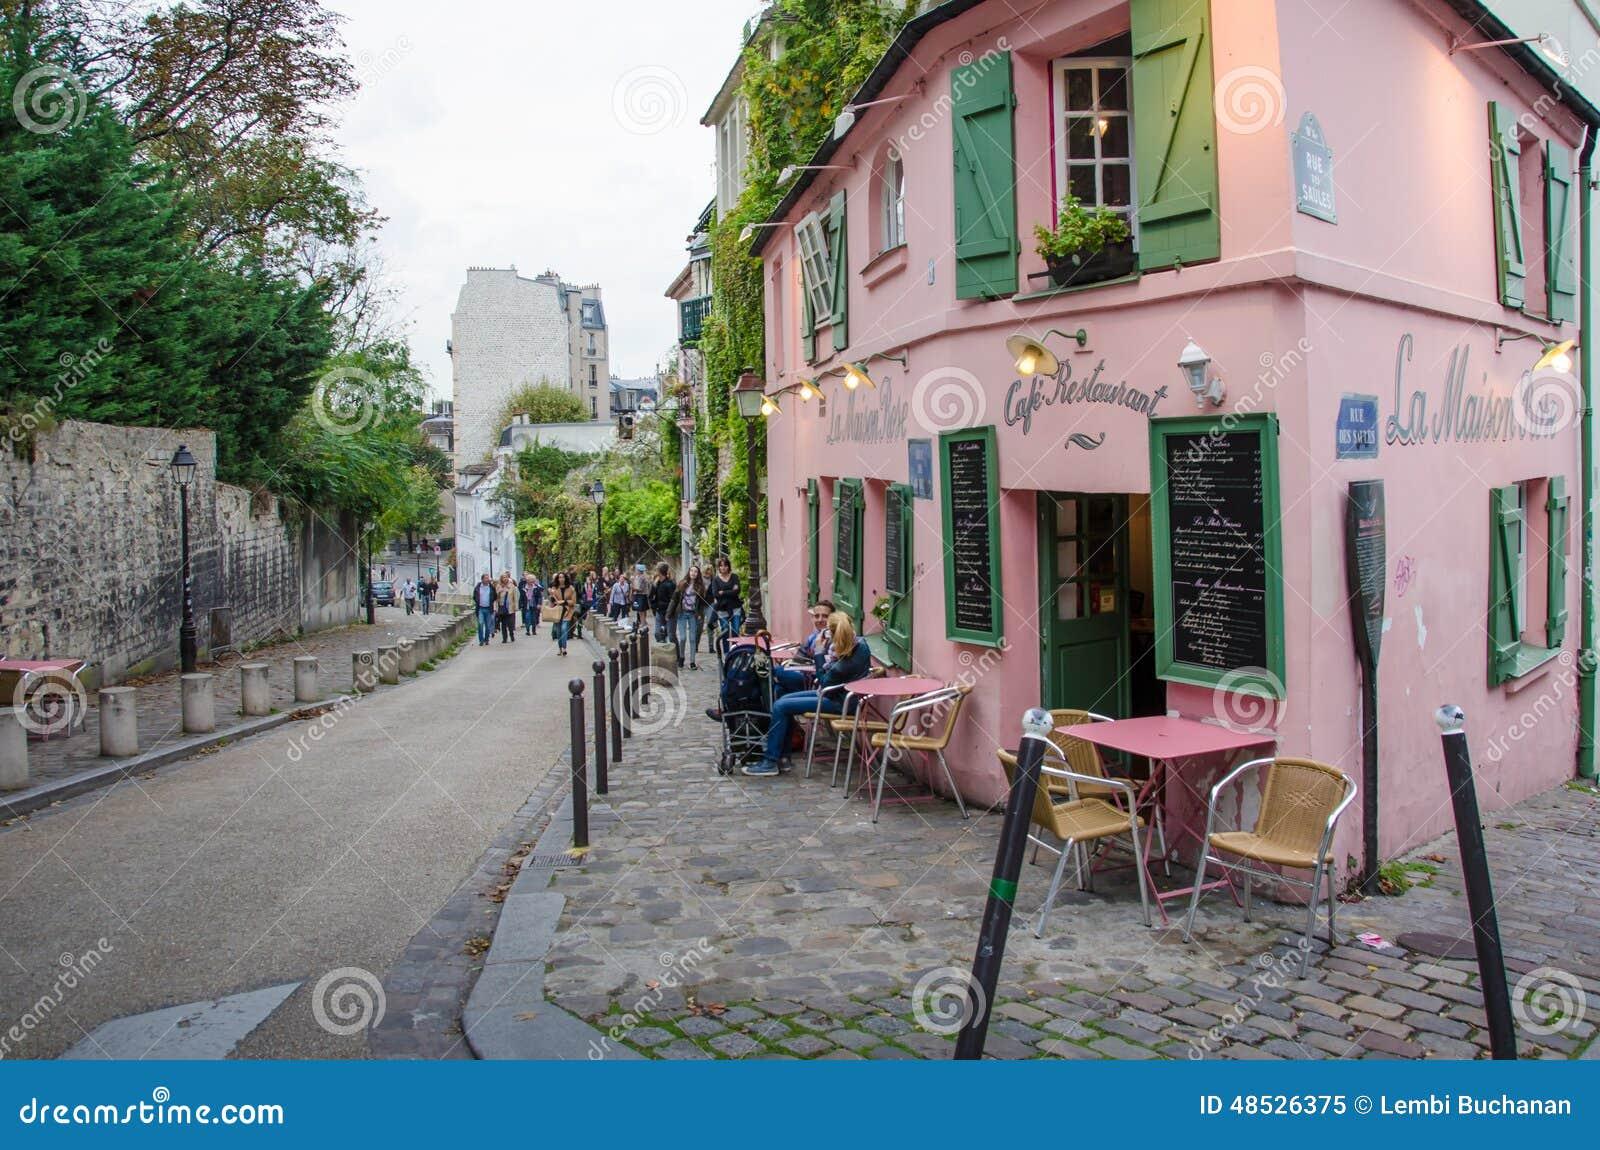 La maison rose restaurant paris image ditorial image for A la maison restaurant